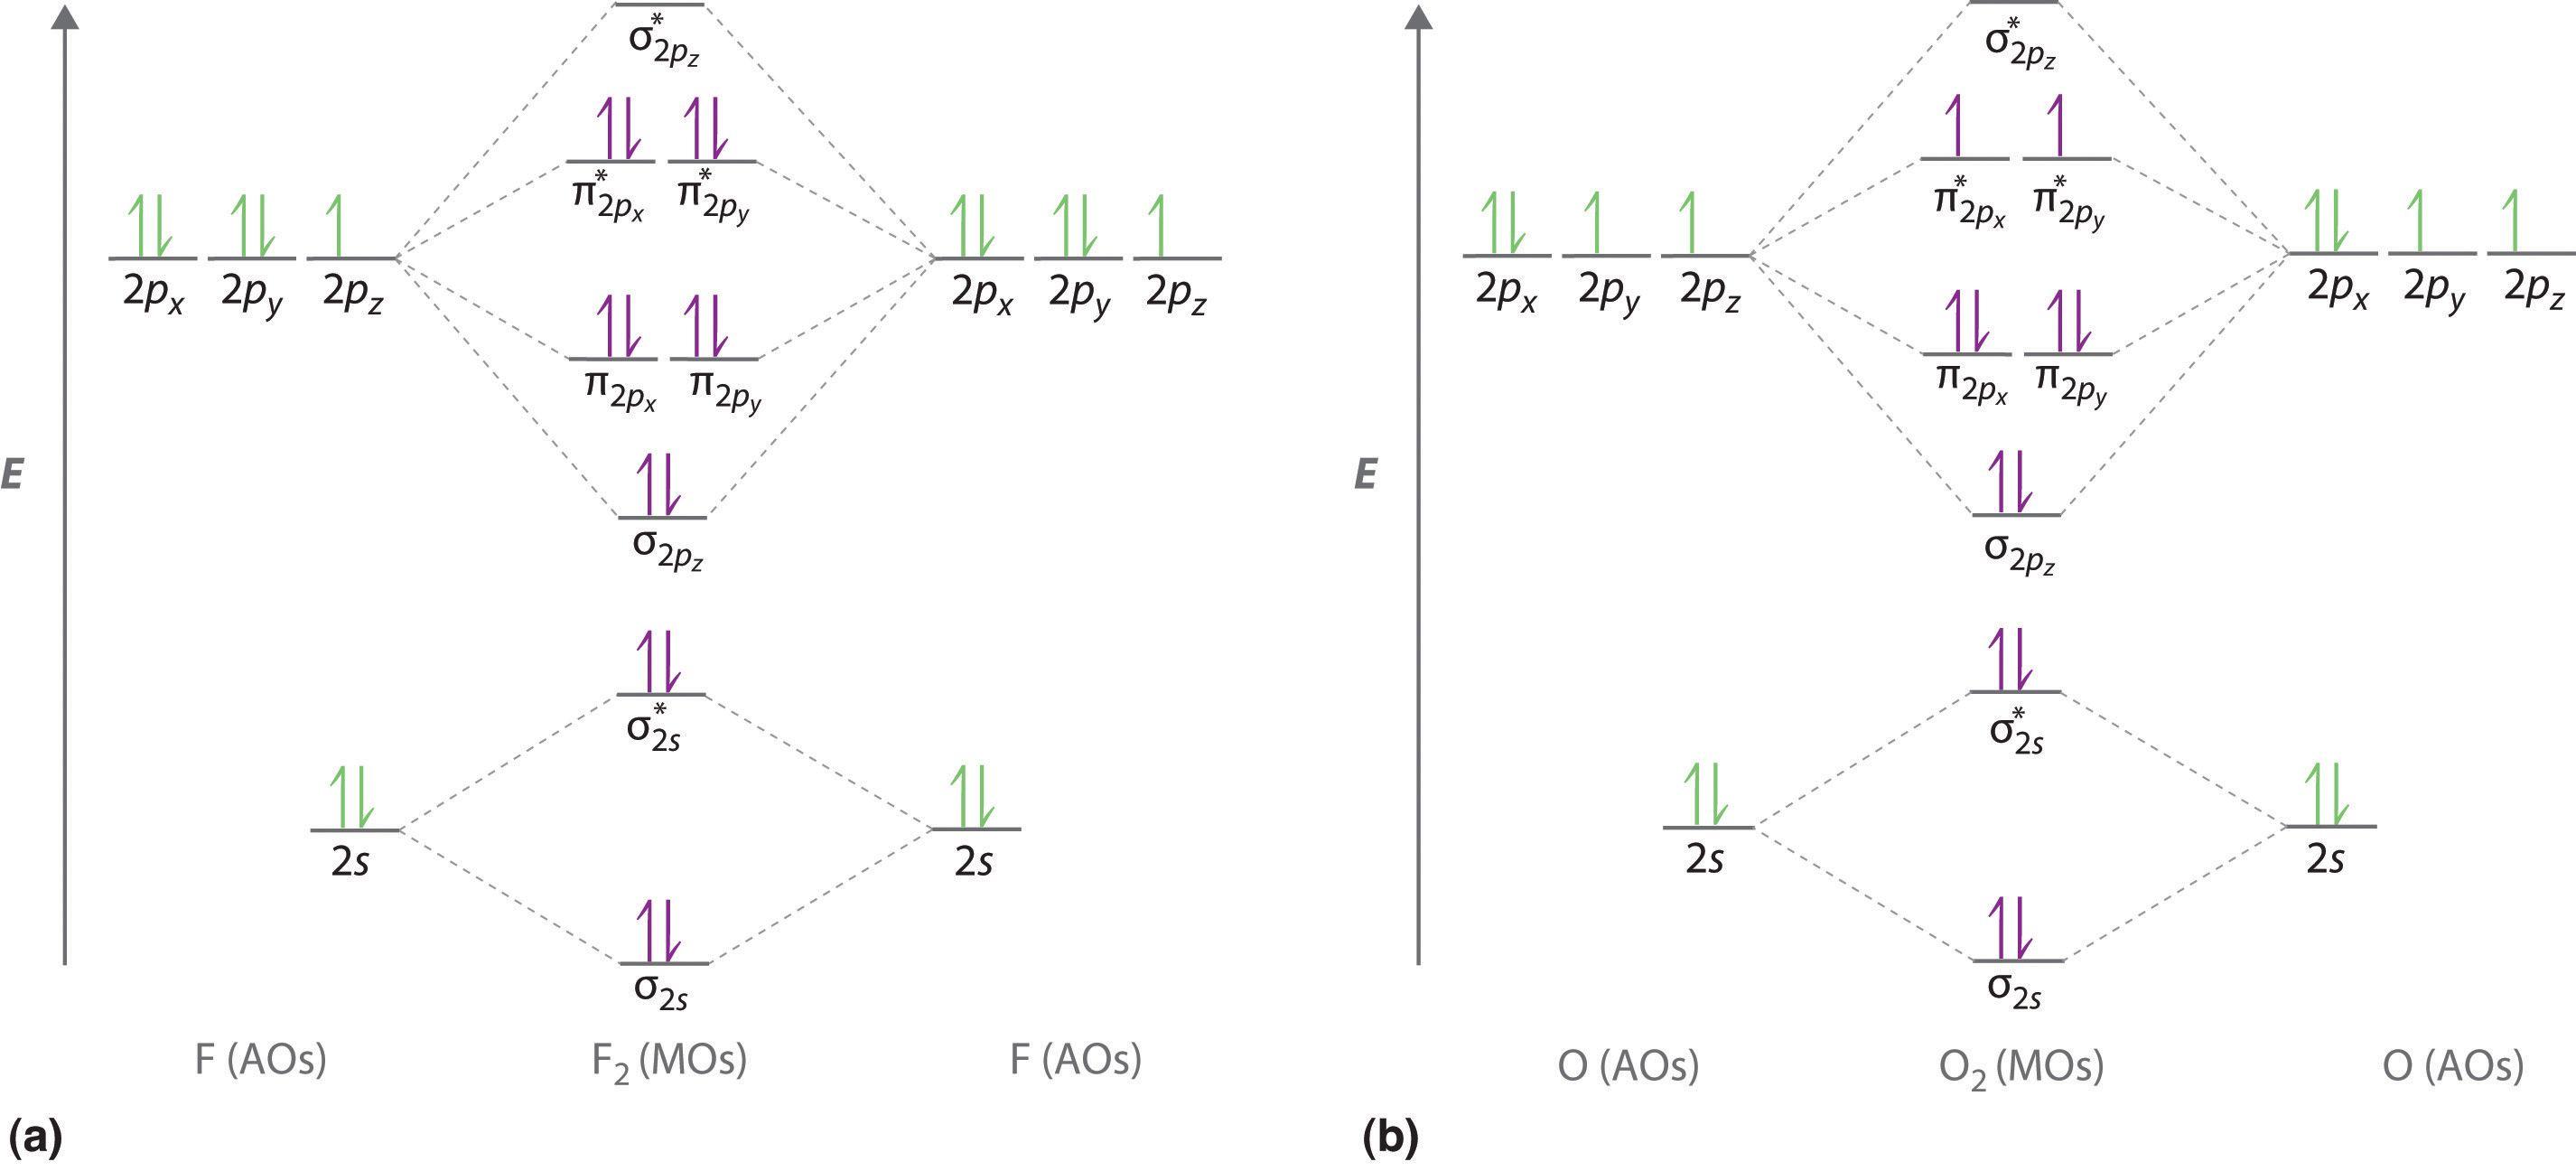 Molecular Orbital Energy Level Diagrams For Homonuclear